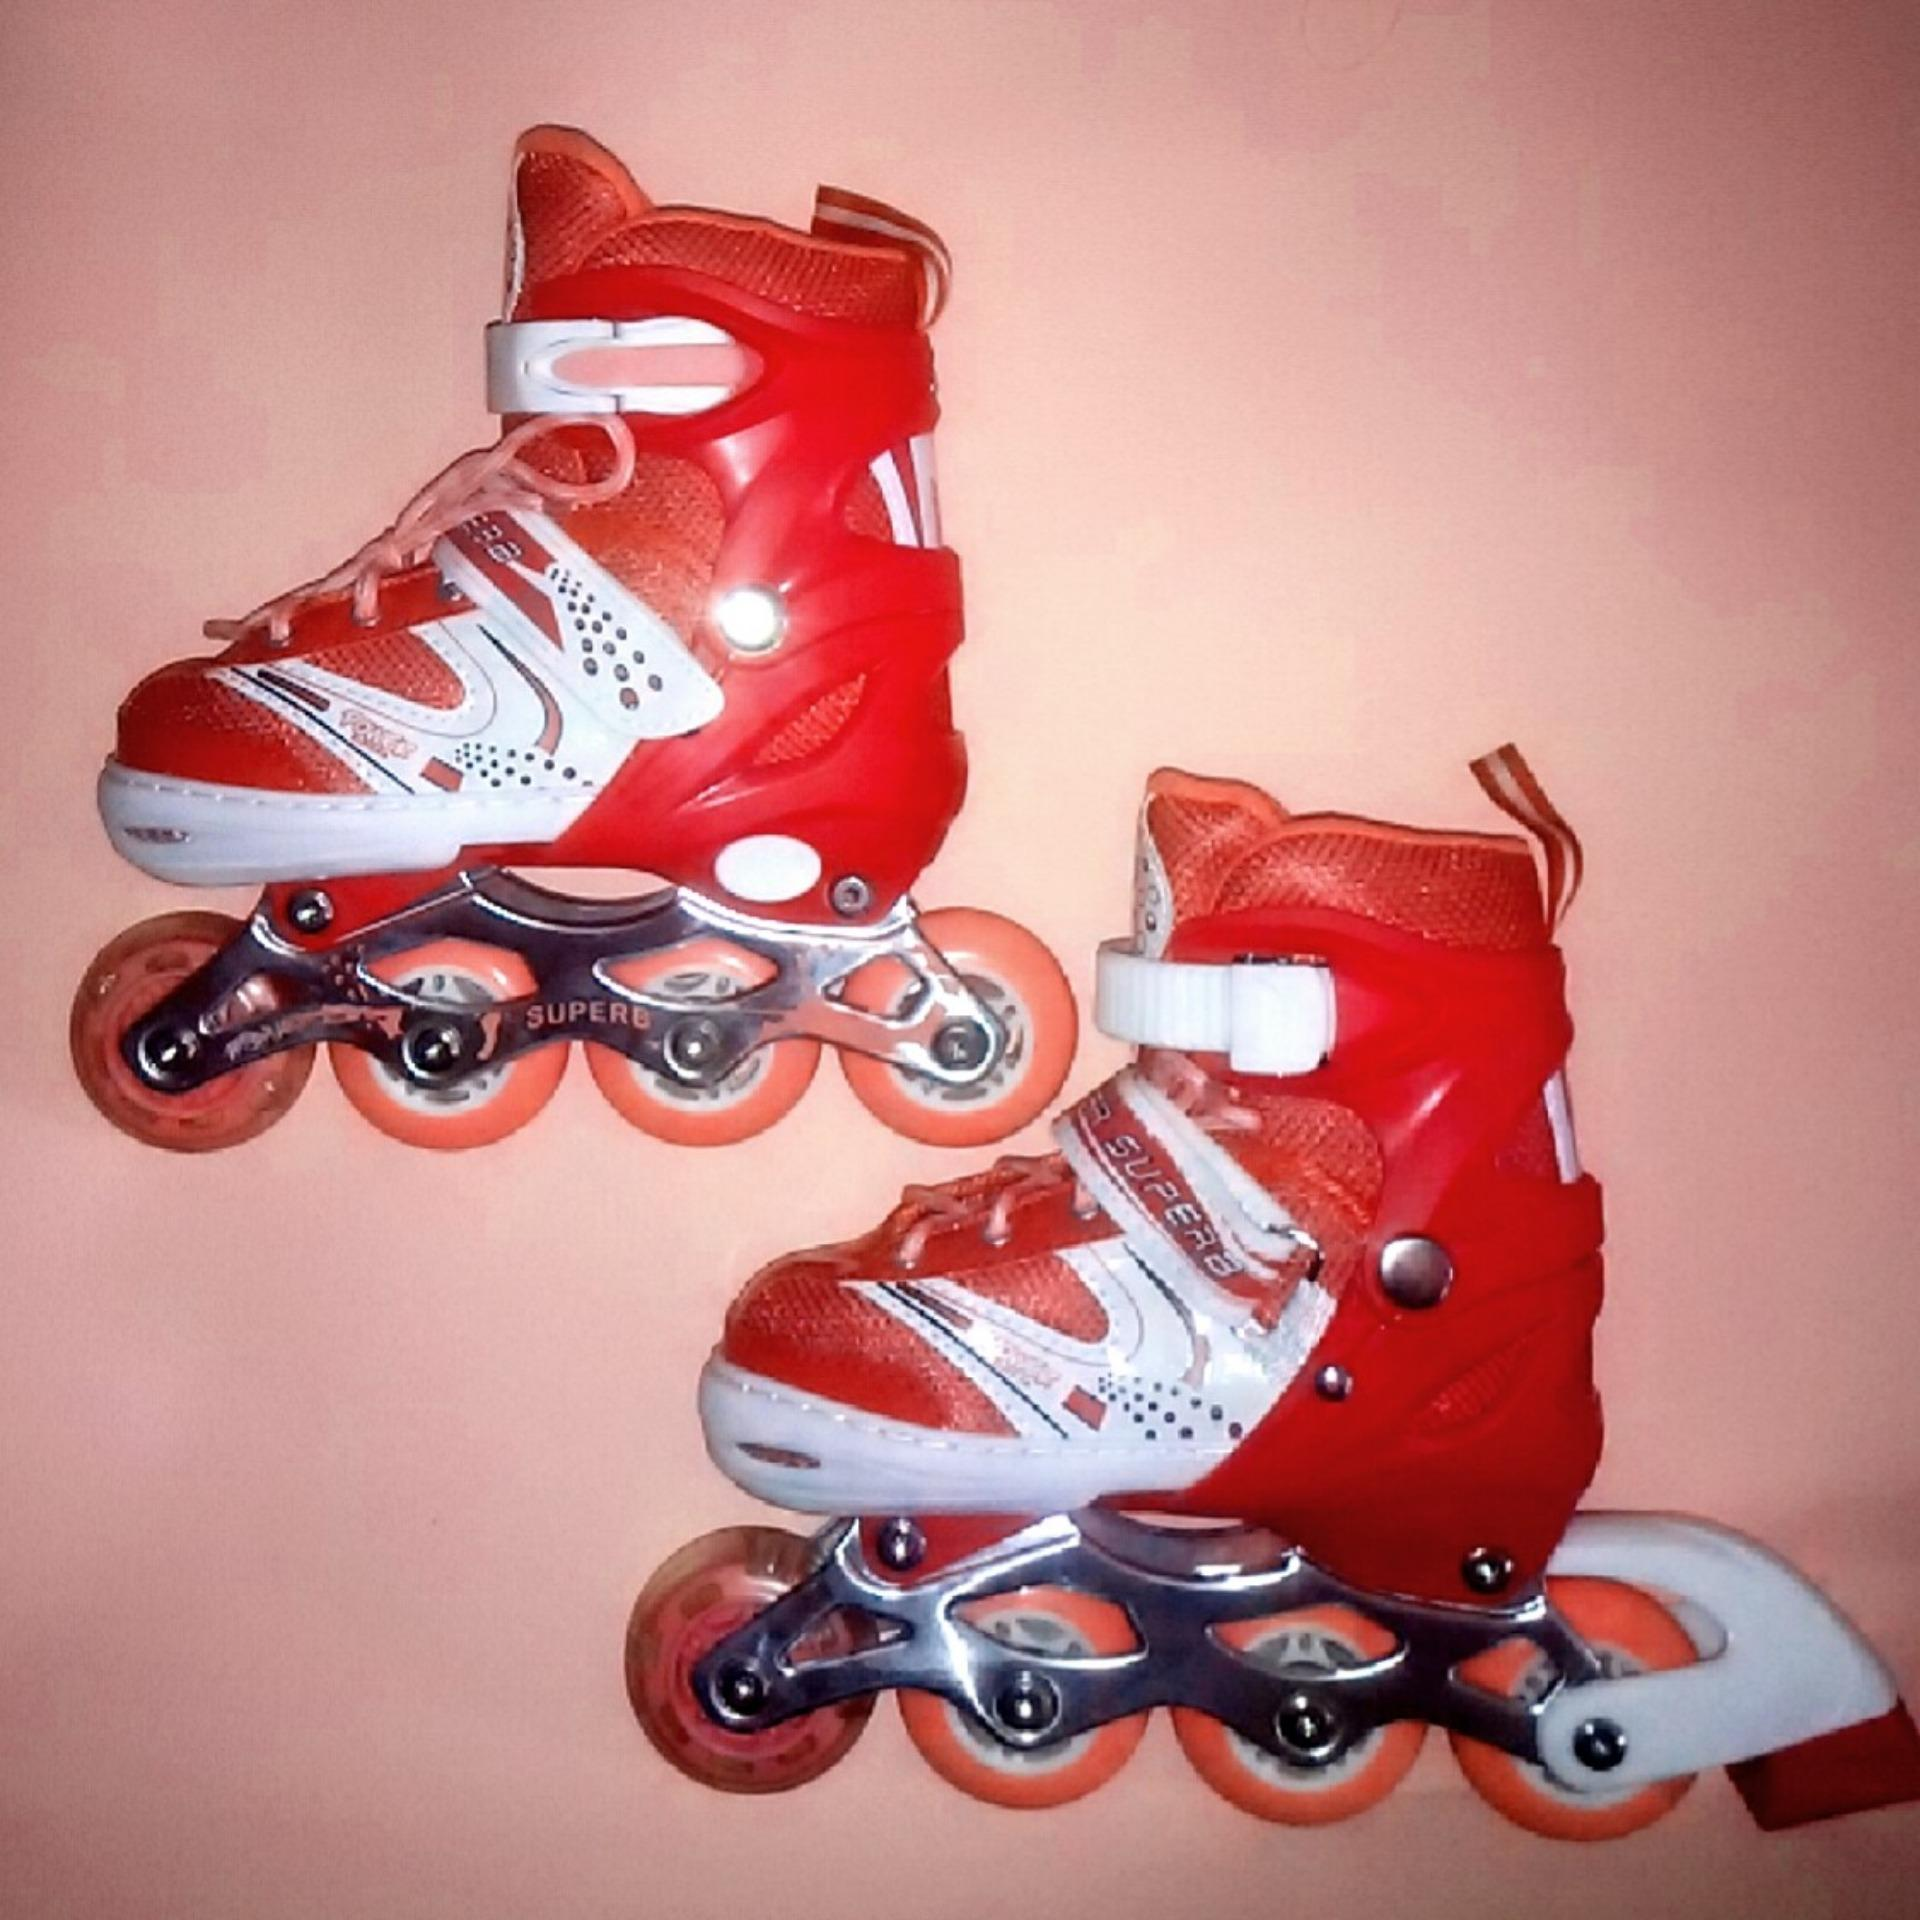 Terbaik Murah Power Super Inline Skate Sepatu Roda Anak Roda Karet ... 8f855d162f